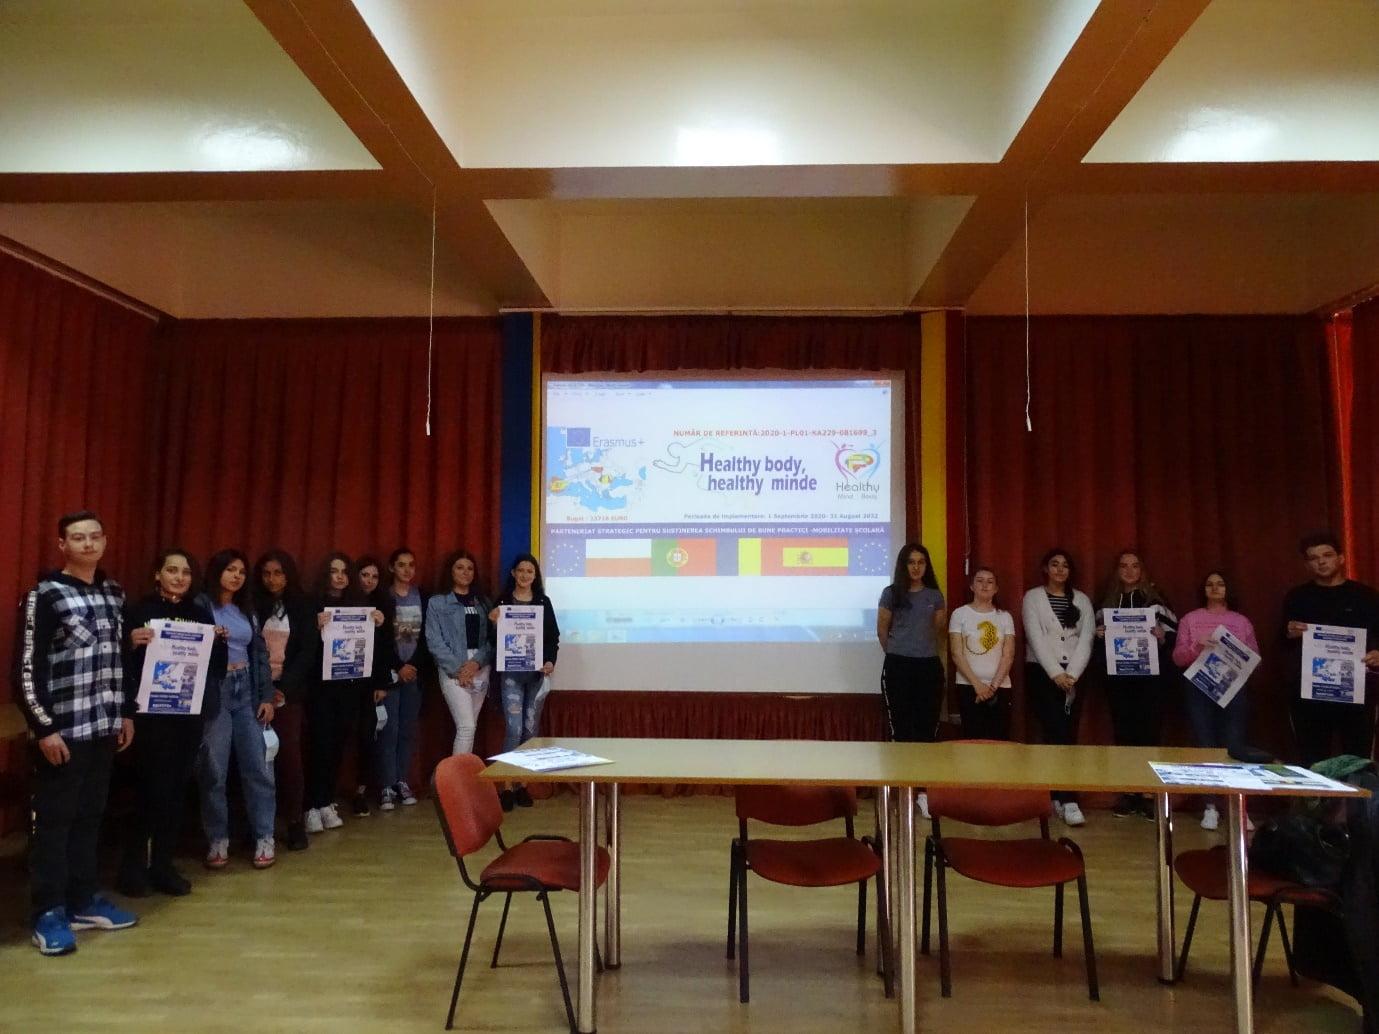 """Activități în cadrul proiectului Erasmus+ """"Healthy body, healthy mind"""", la Colegiul Tehnic """"Petru Poni"""""""